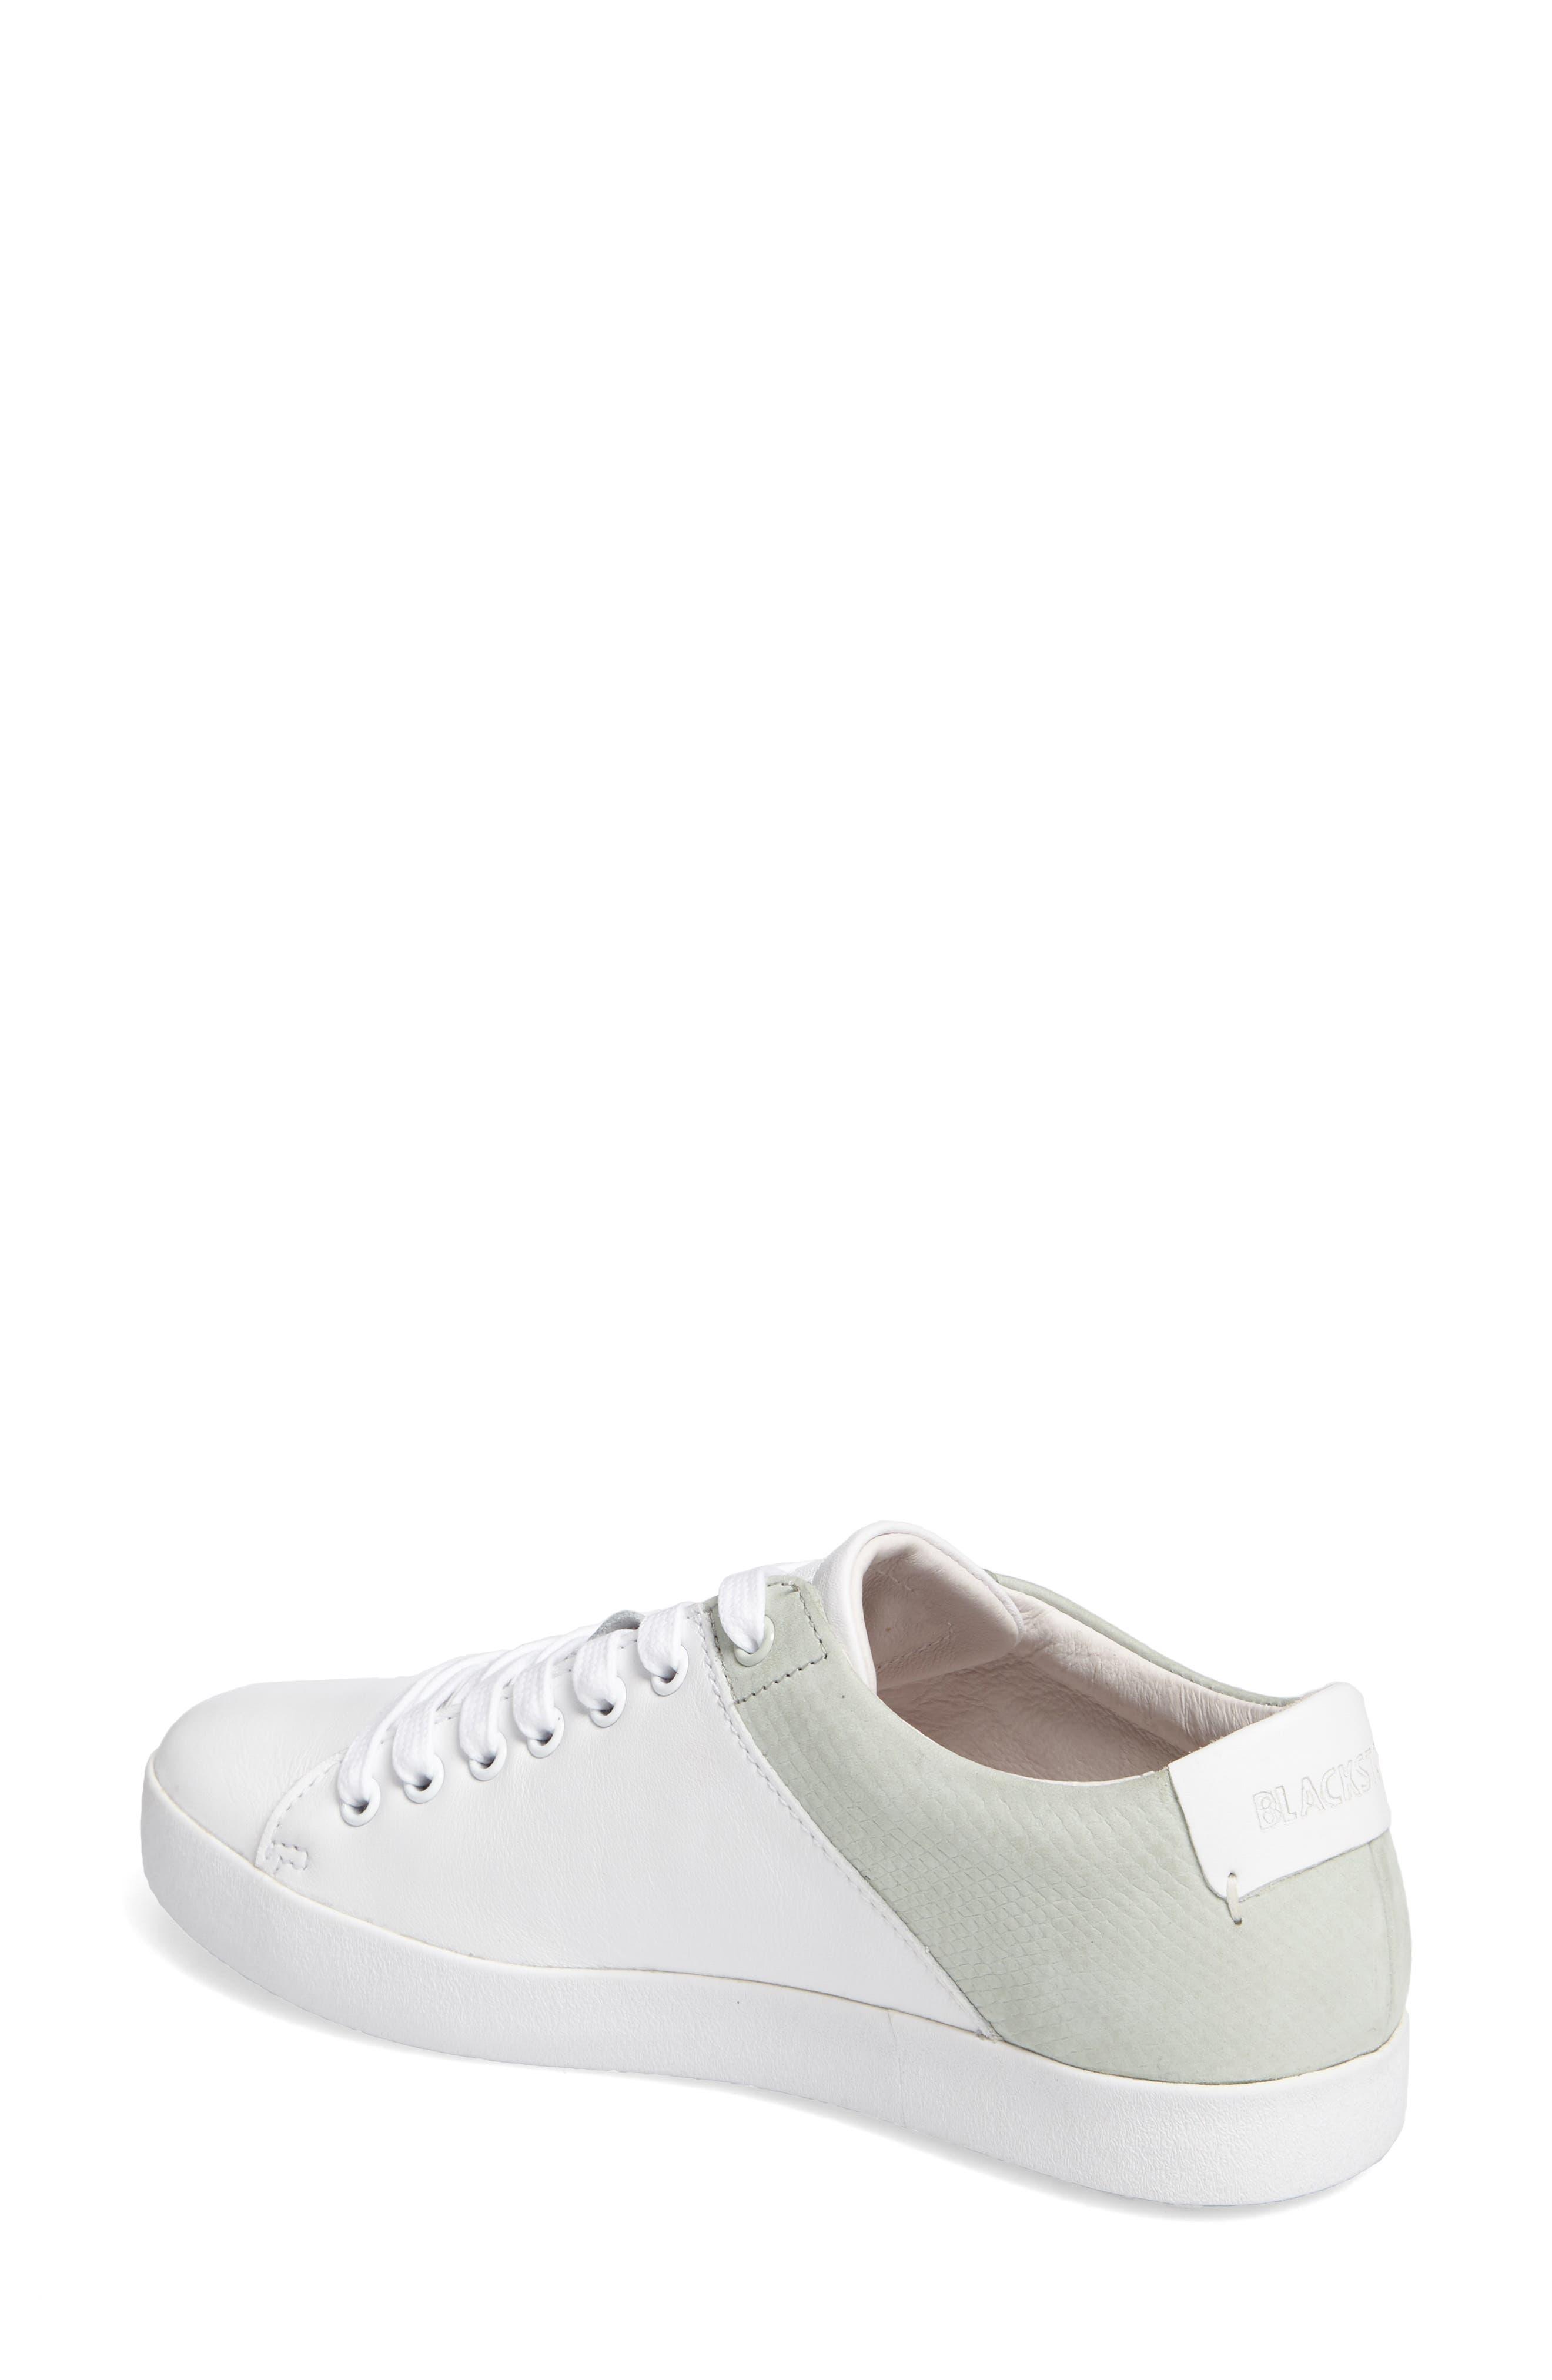 NL22 Sneaker,                             Alternate thumbnail 2, color,                             100